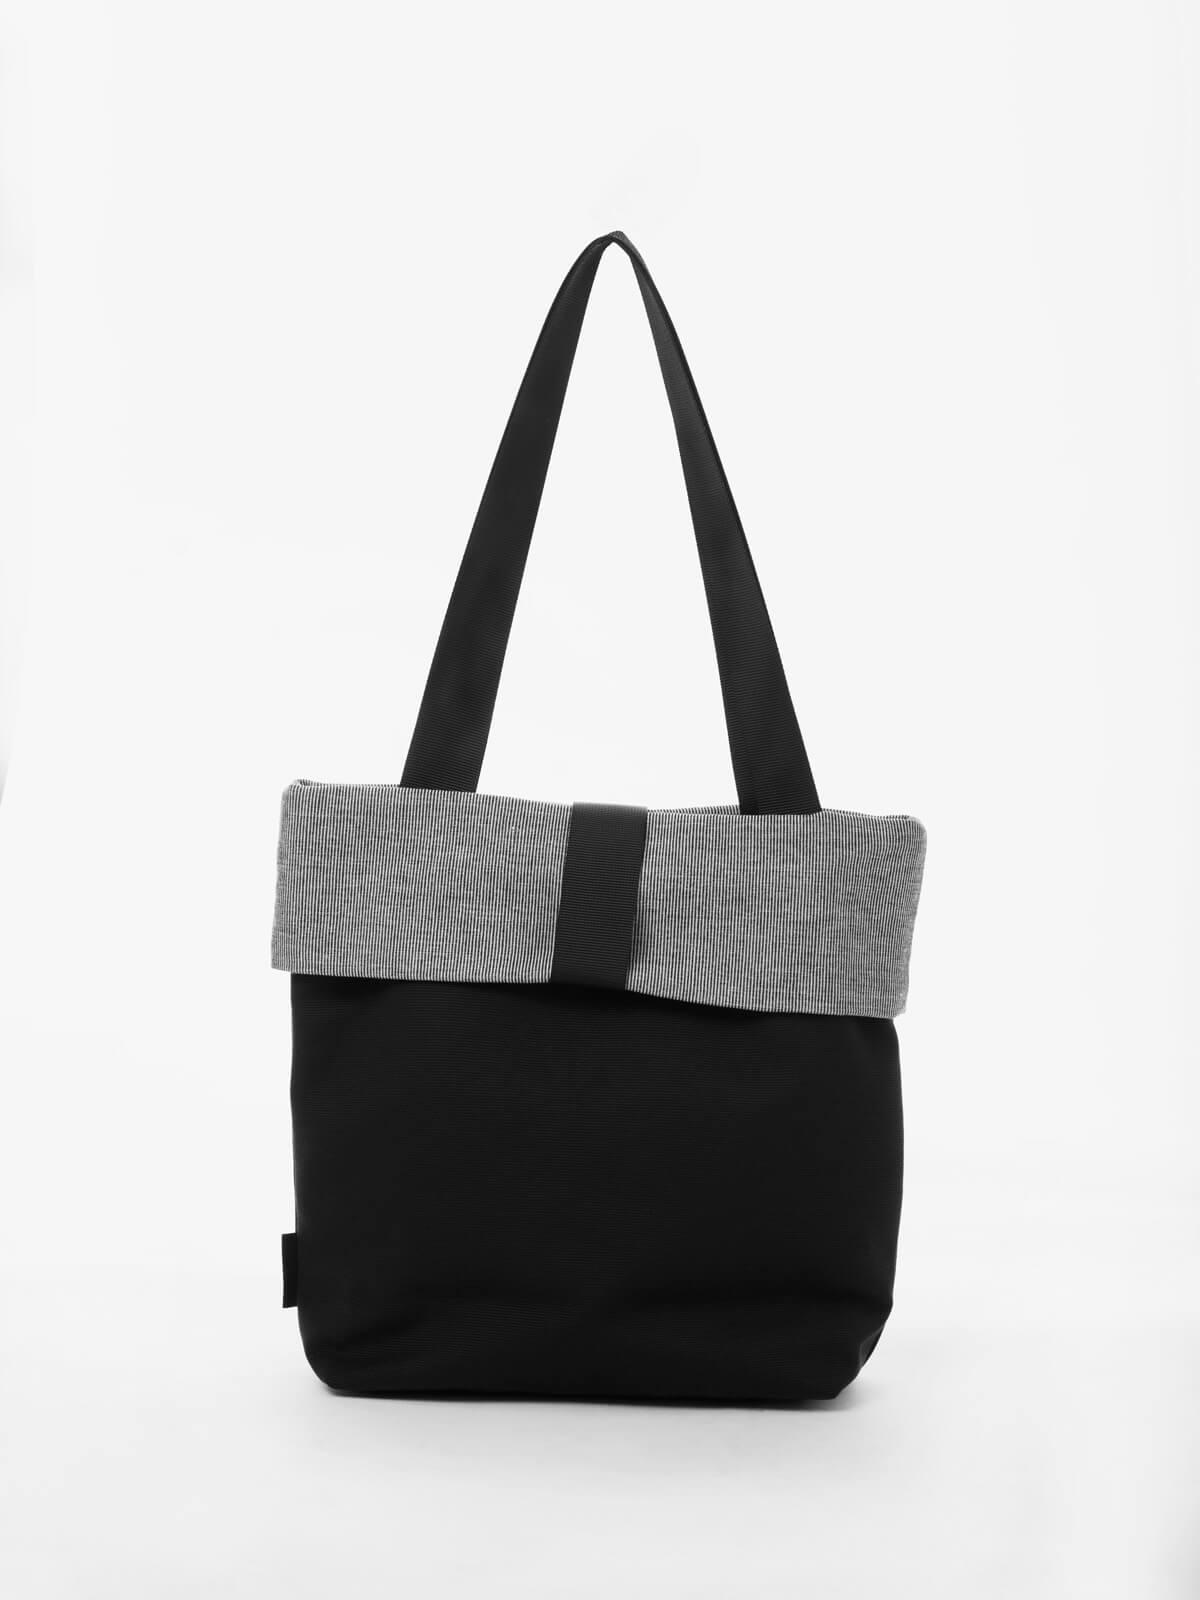 designer bag made in Portugal